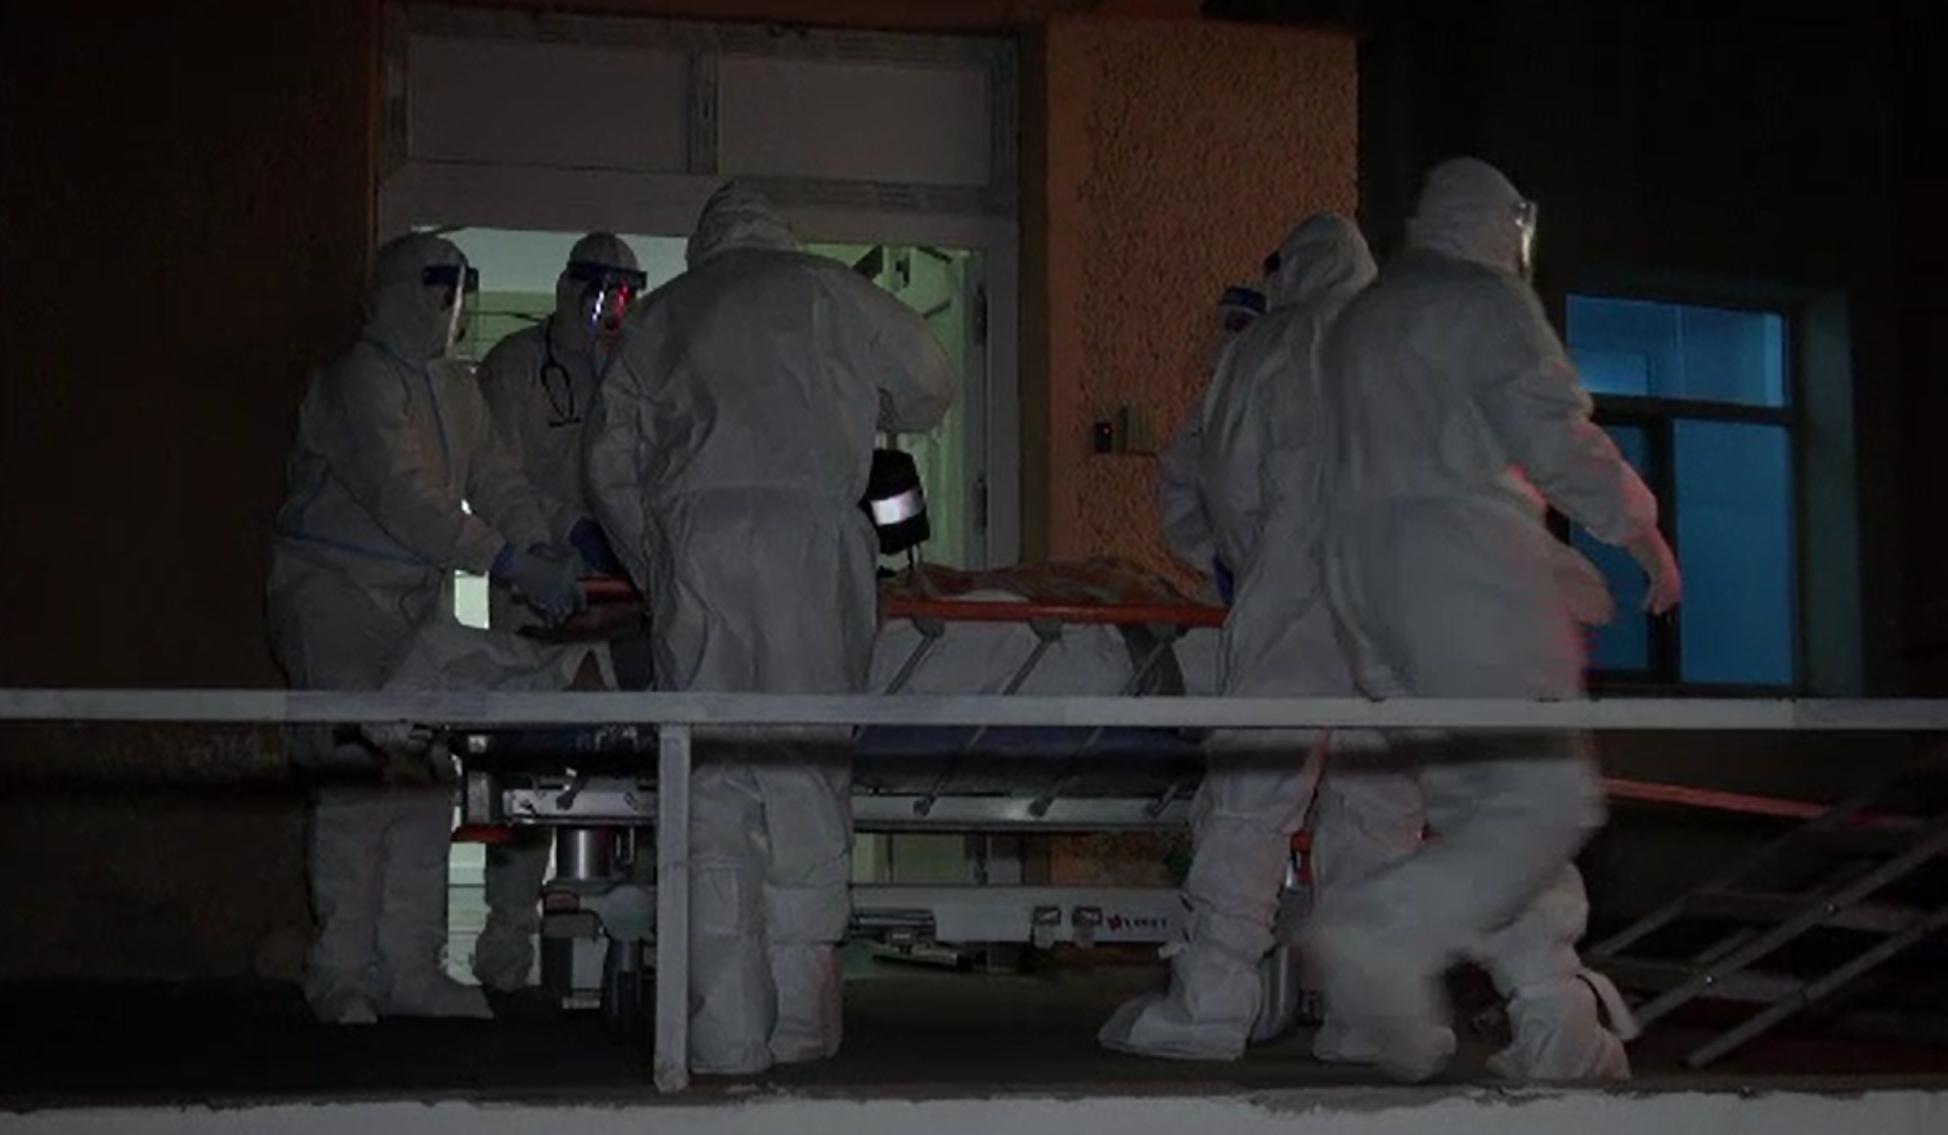 Noi detalii despre starea medicului erou de la Piatra Neamț. Cum a reușit să îi salveze pe pacienții prinși în incendiu